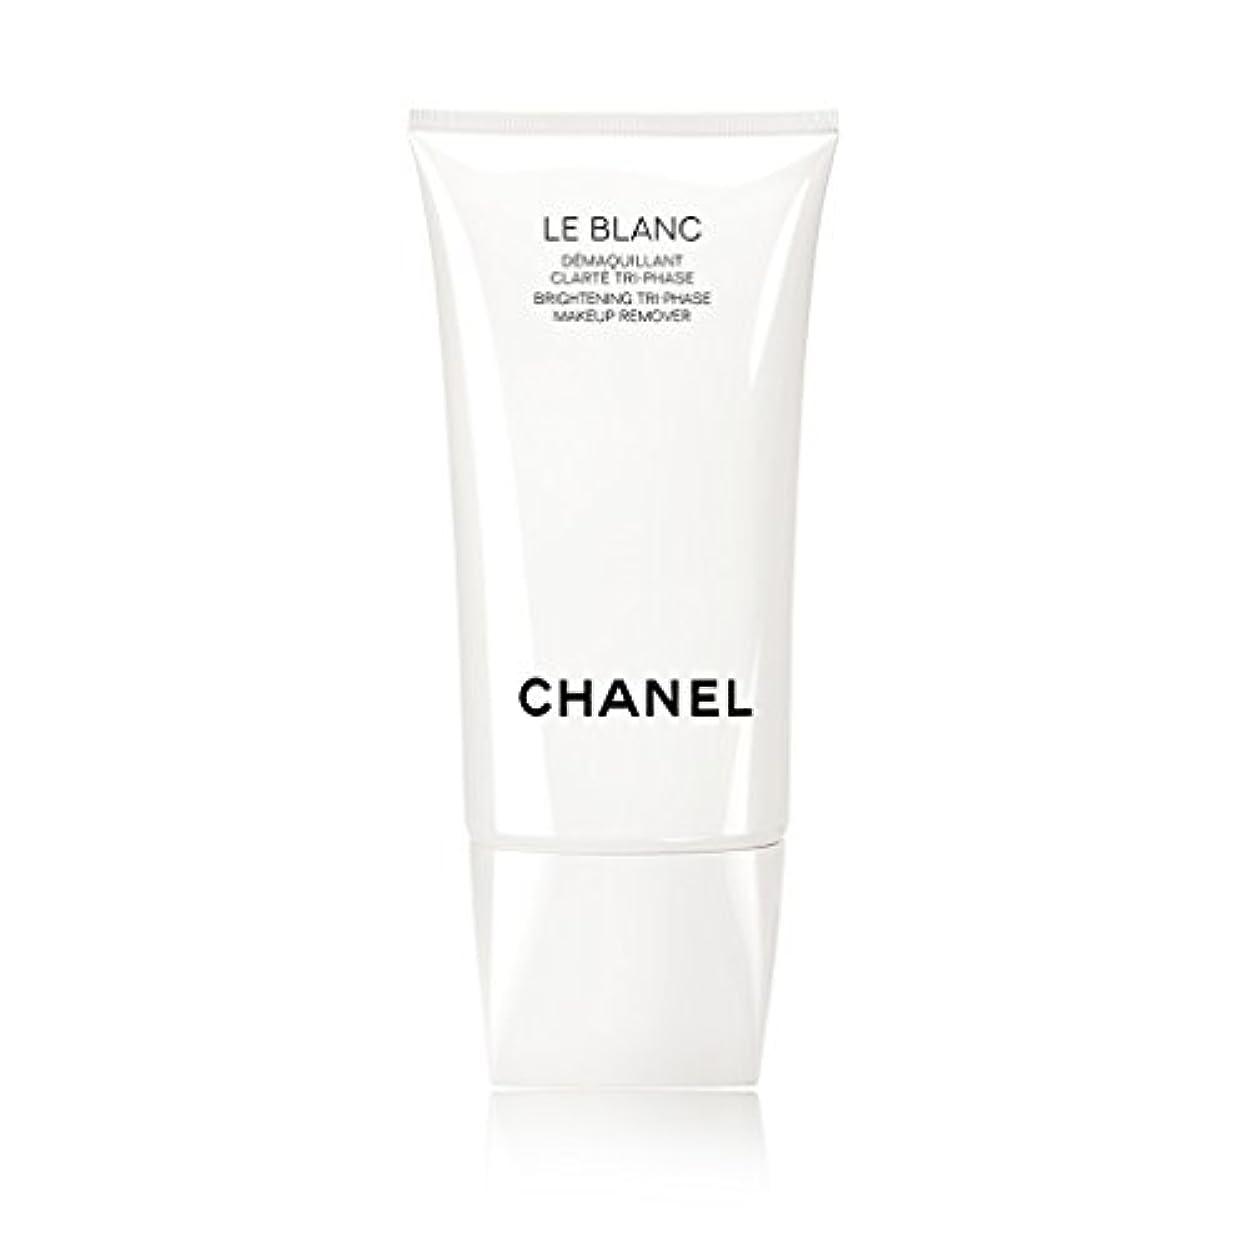 韓国語ポイント忠実CHANEL LE BLANC ル ブラン メークアップ リムーバー